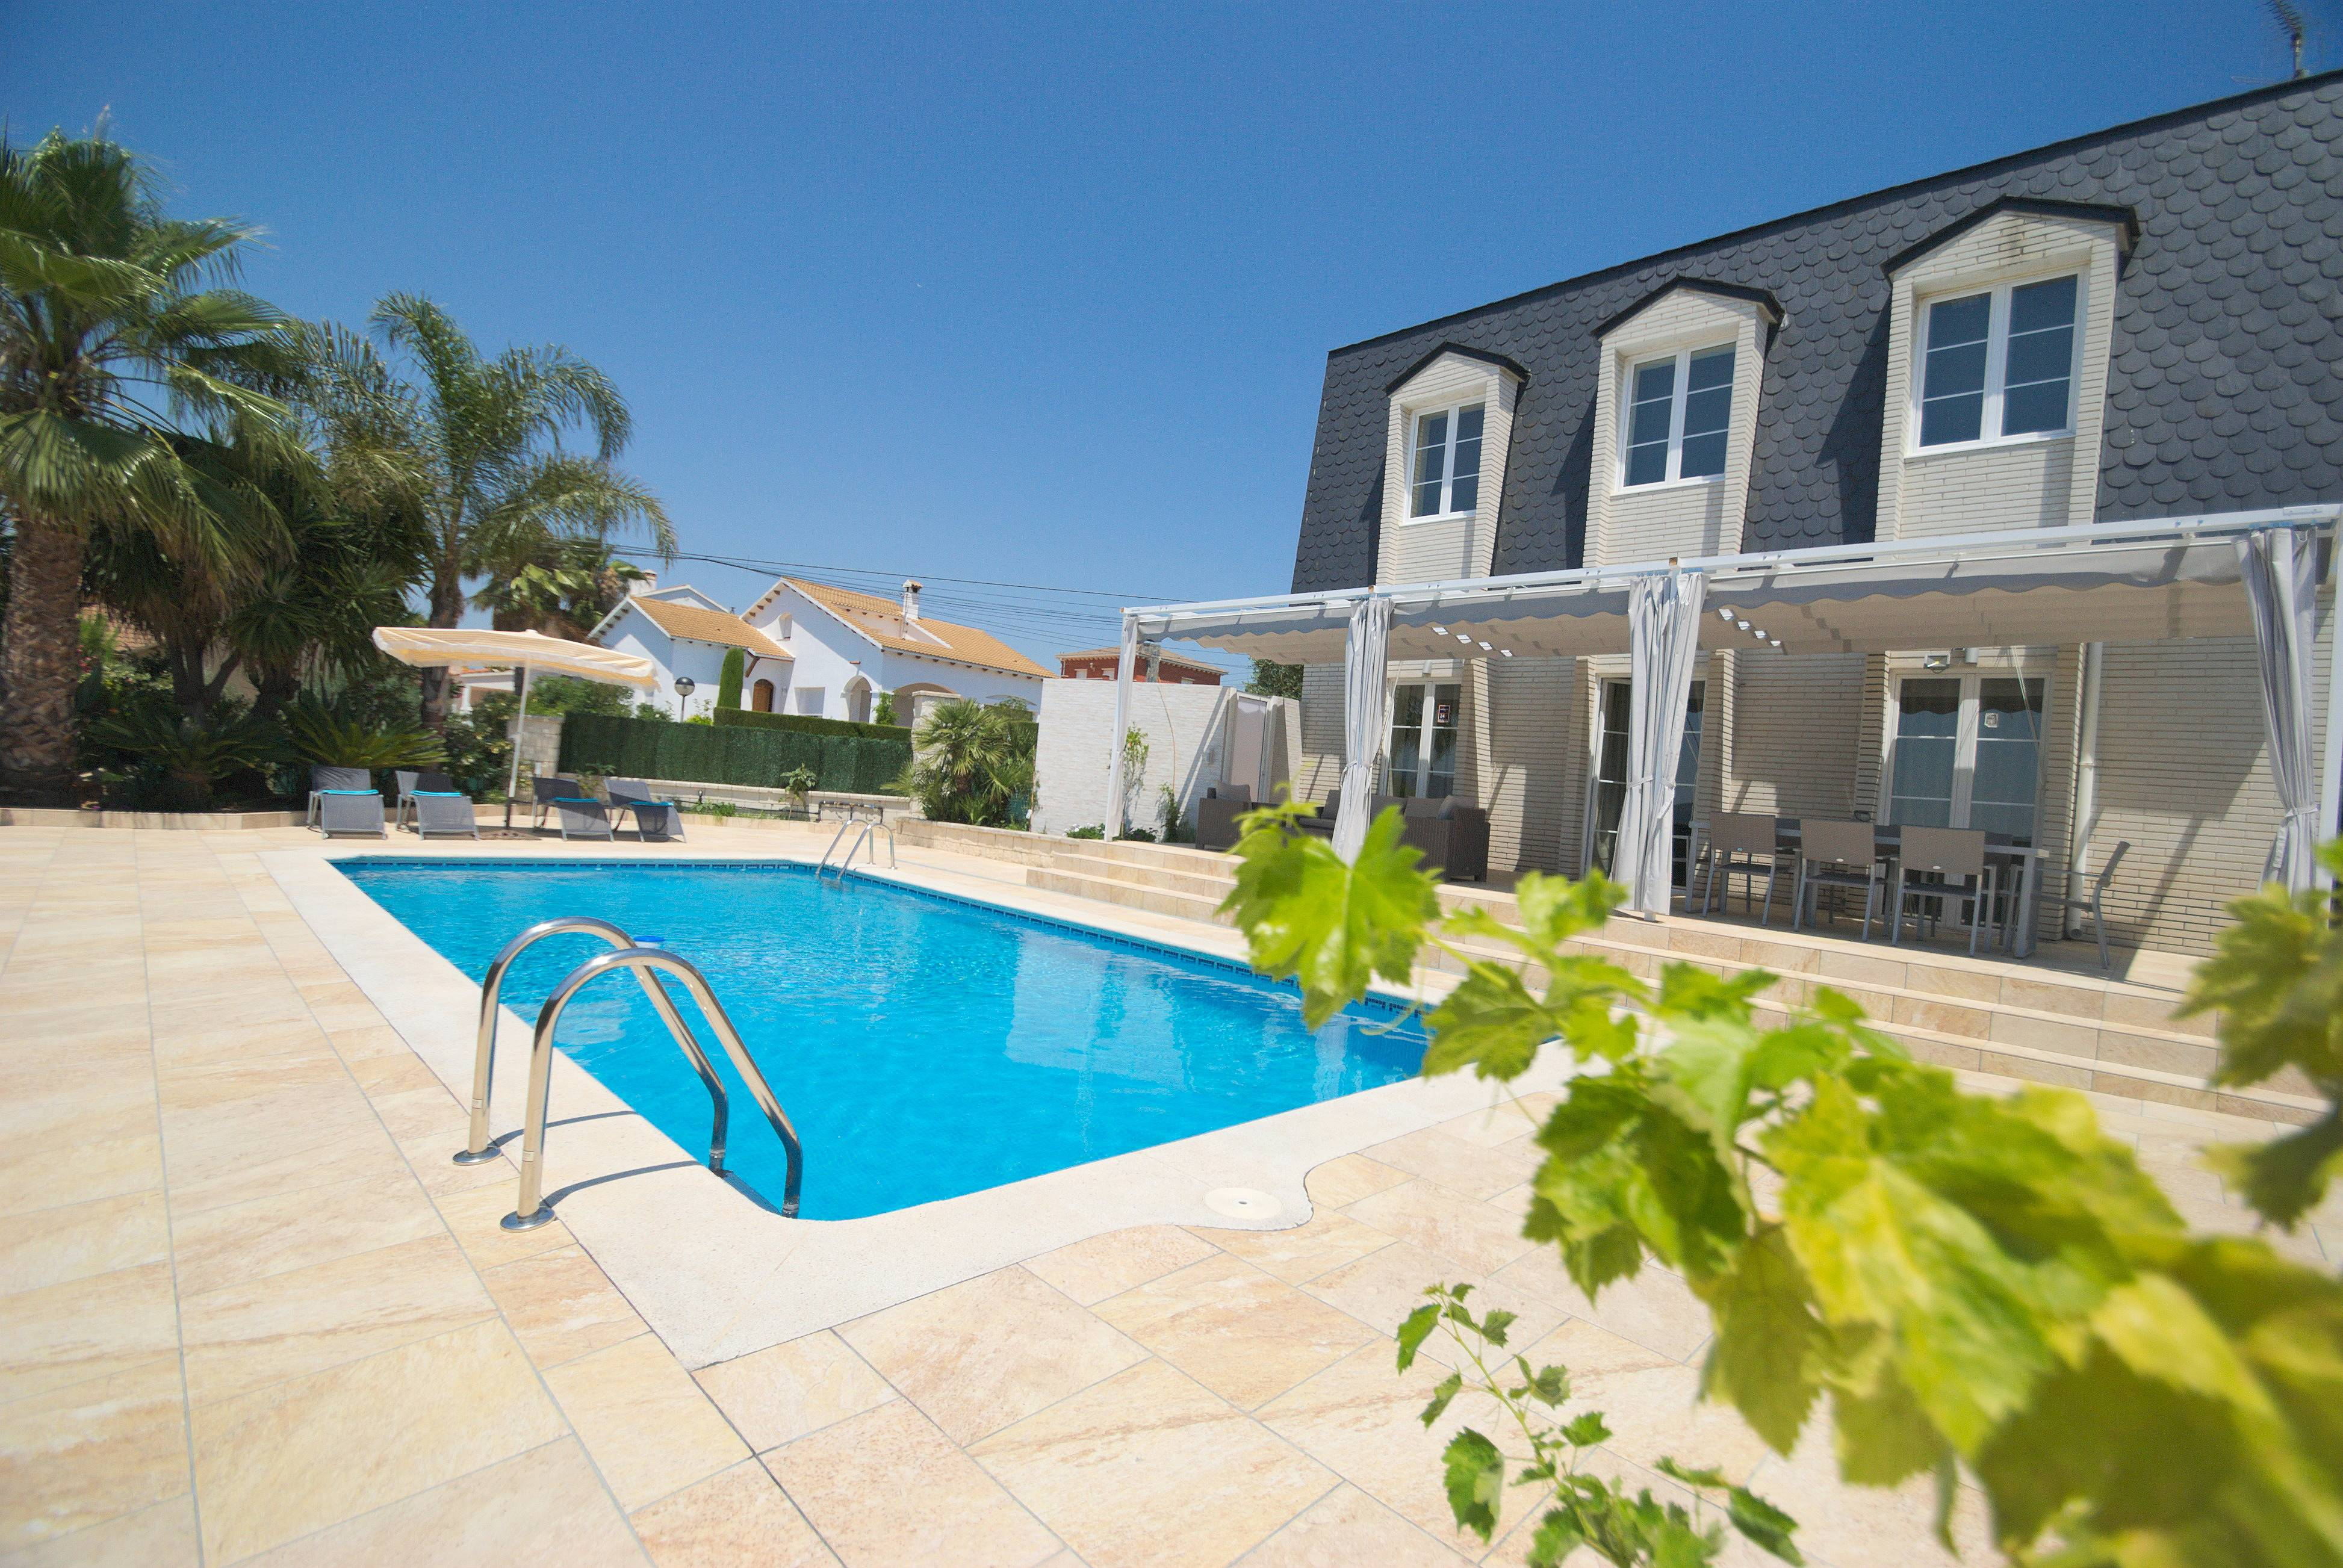 Preciosa villa con piscina privada y jardin el vendrell for Piscina el vendrell